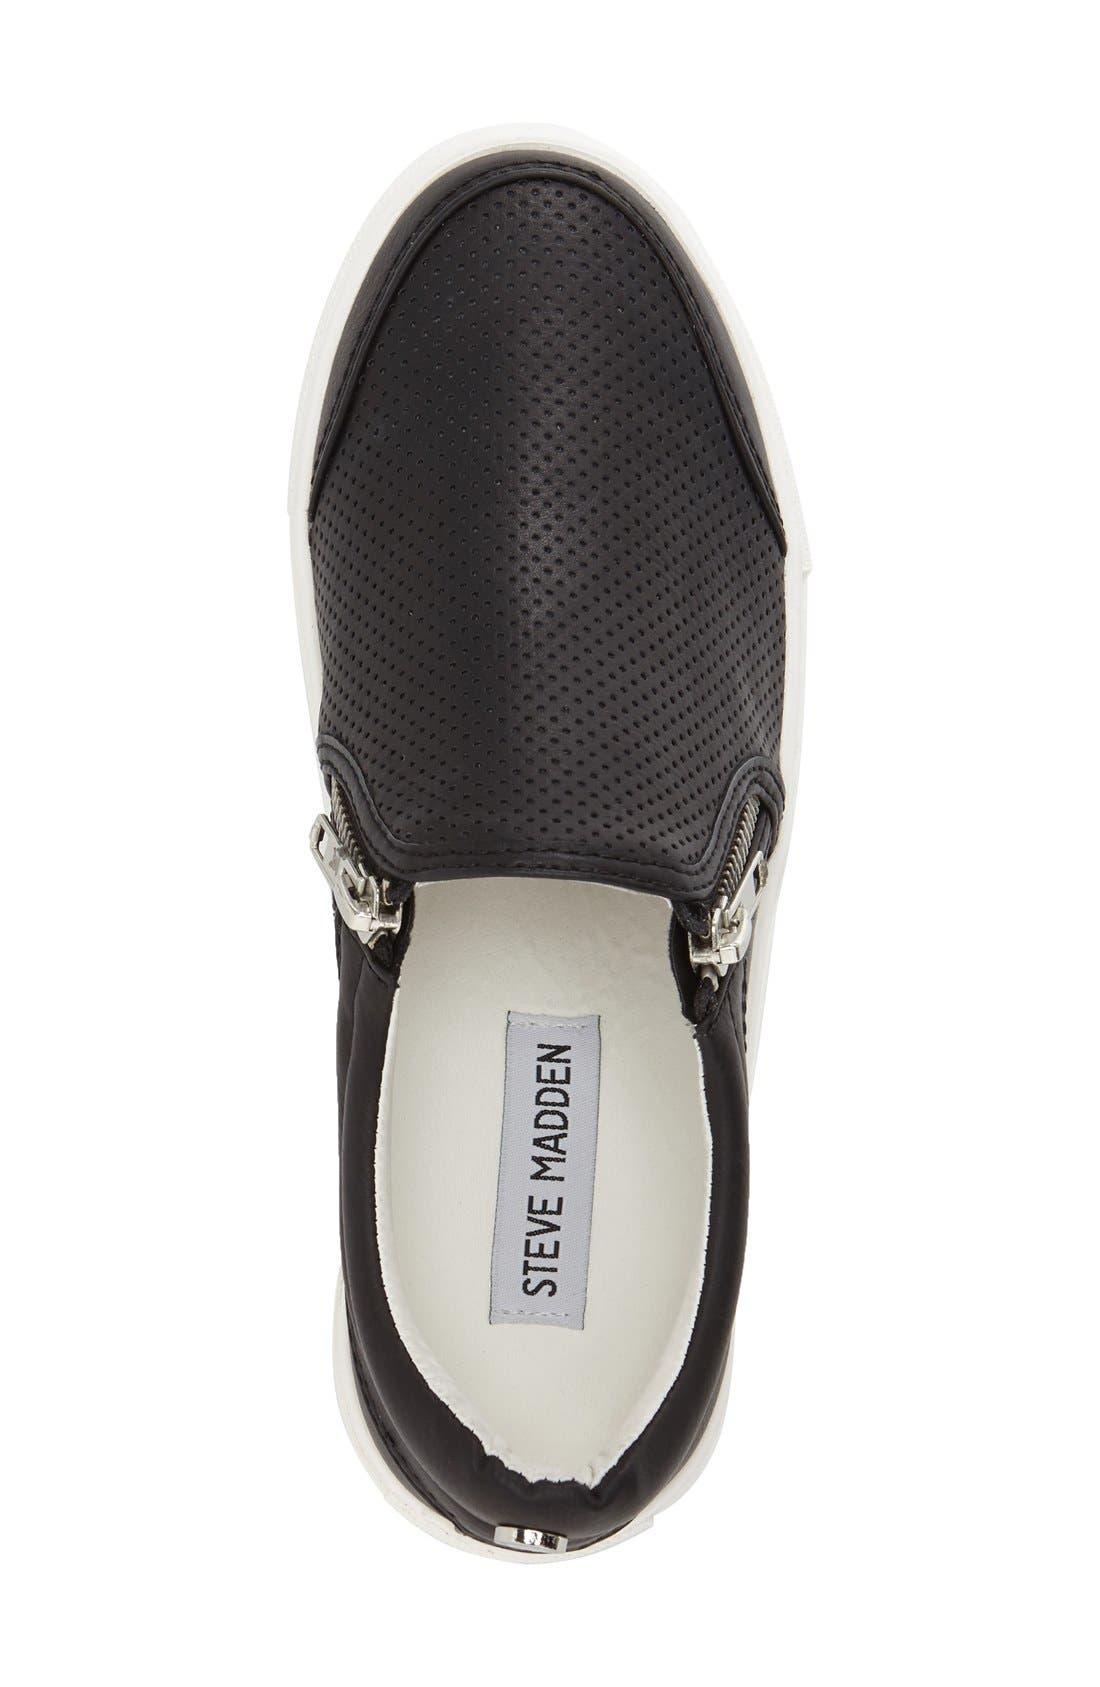 Alternate Image 3  - Steve Madden 'Ellias' Slip-On Sneaker (Women)